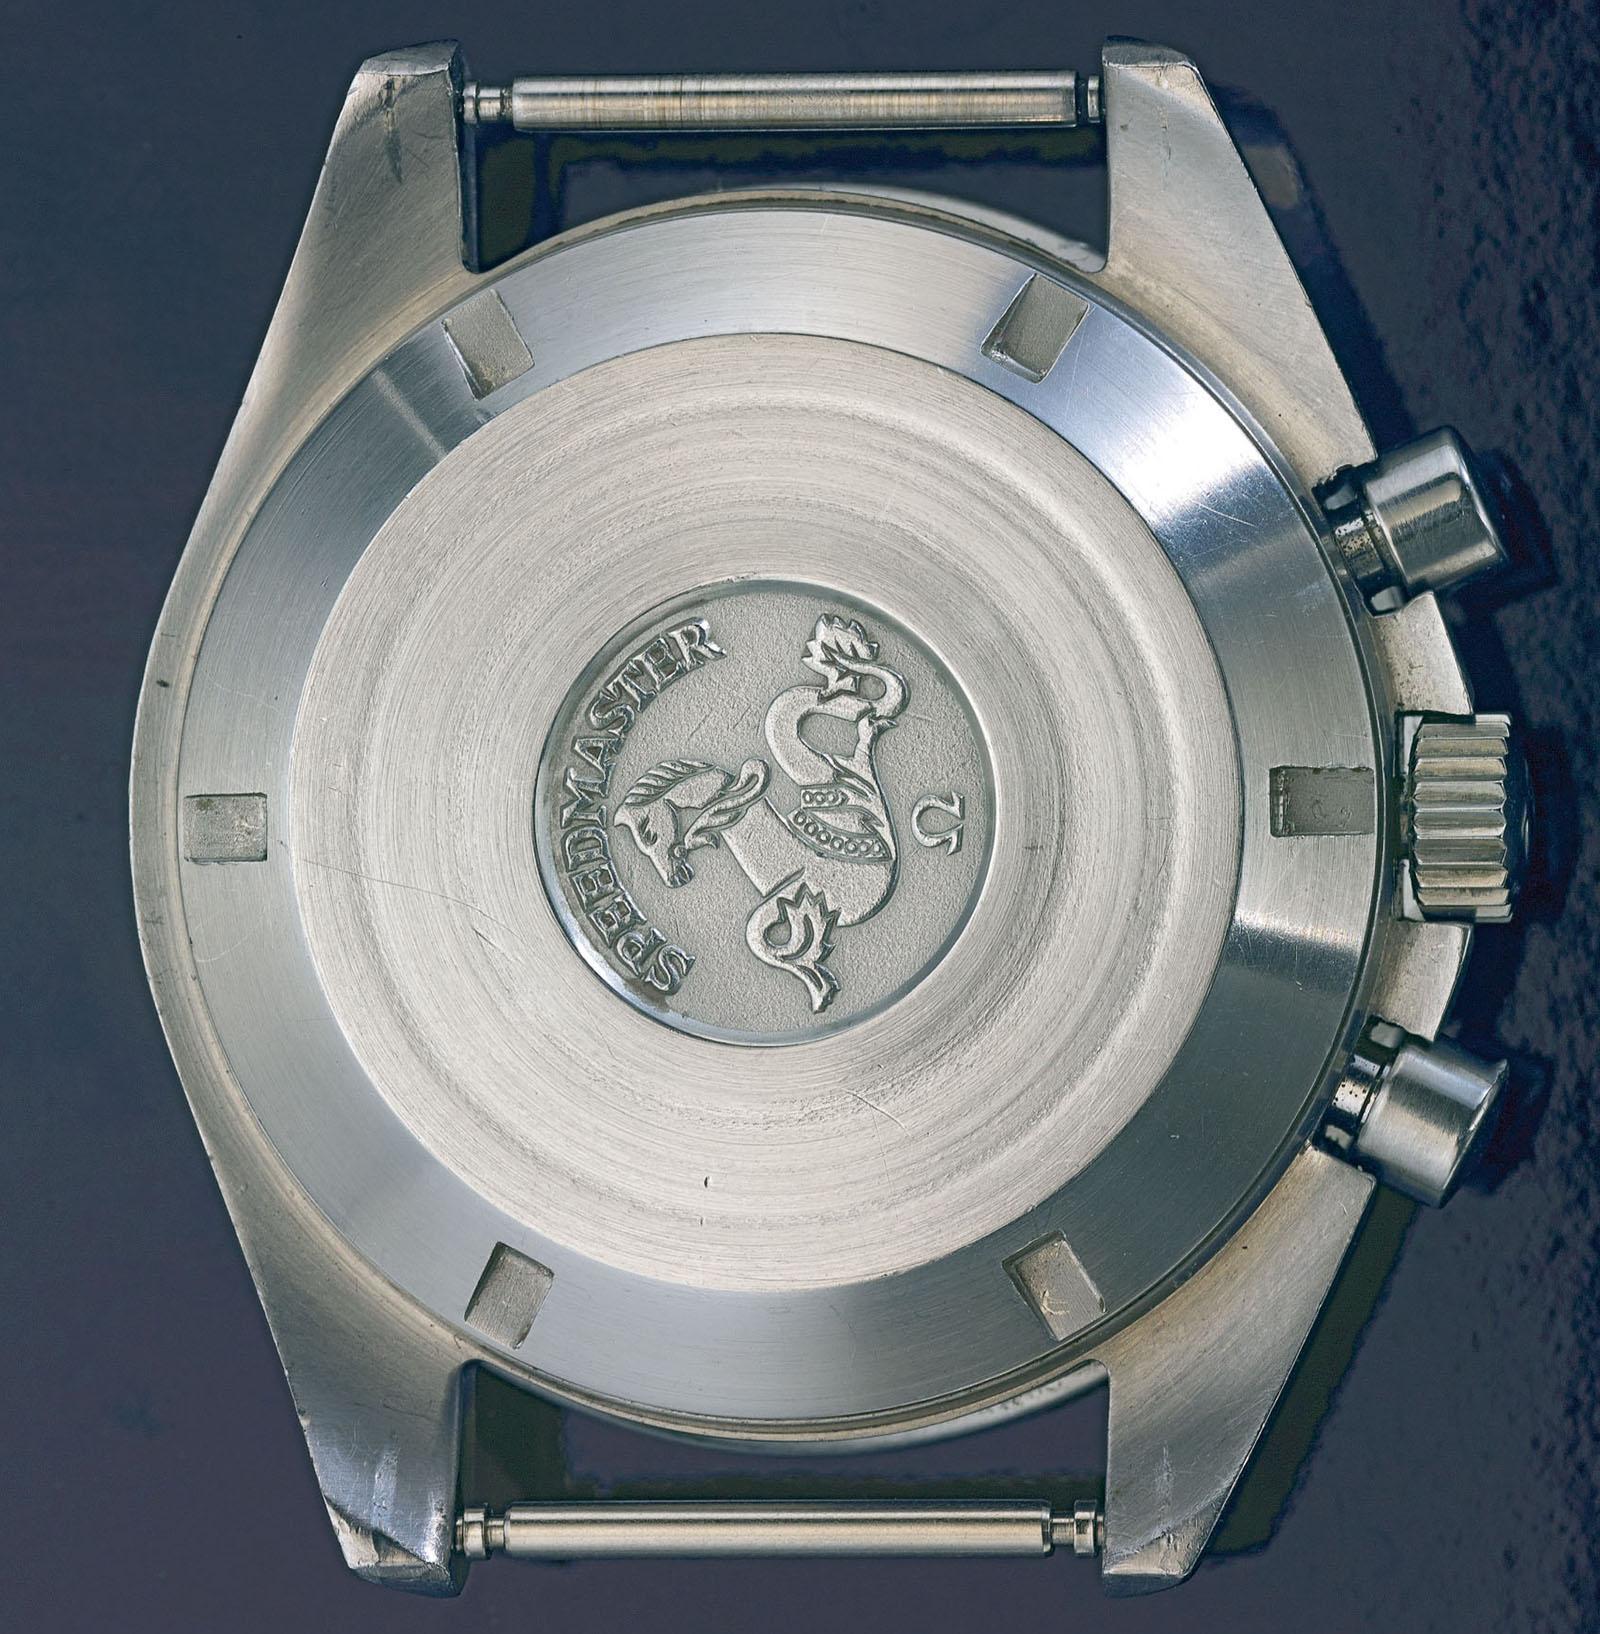 Omega Speemaster Ref. 145.022 Prototype Alaska III - Lot 17 (2)